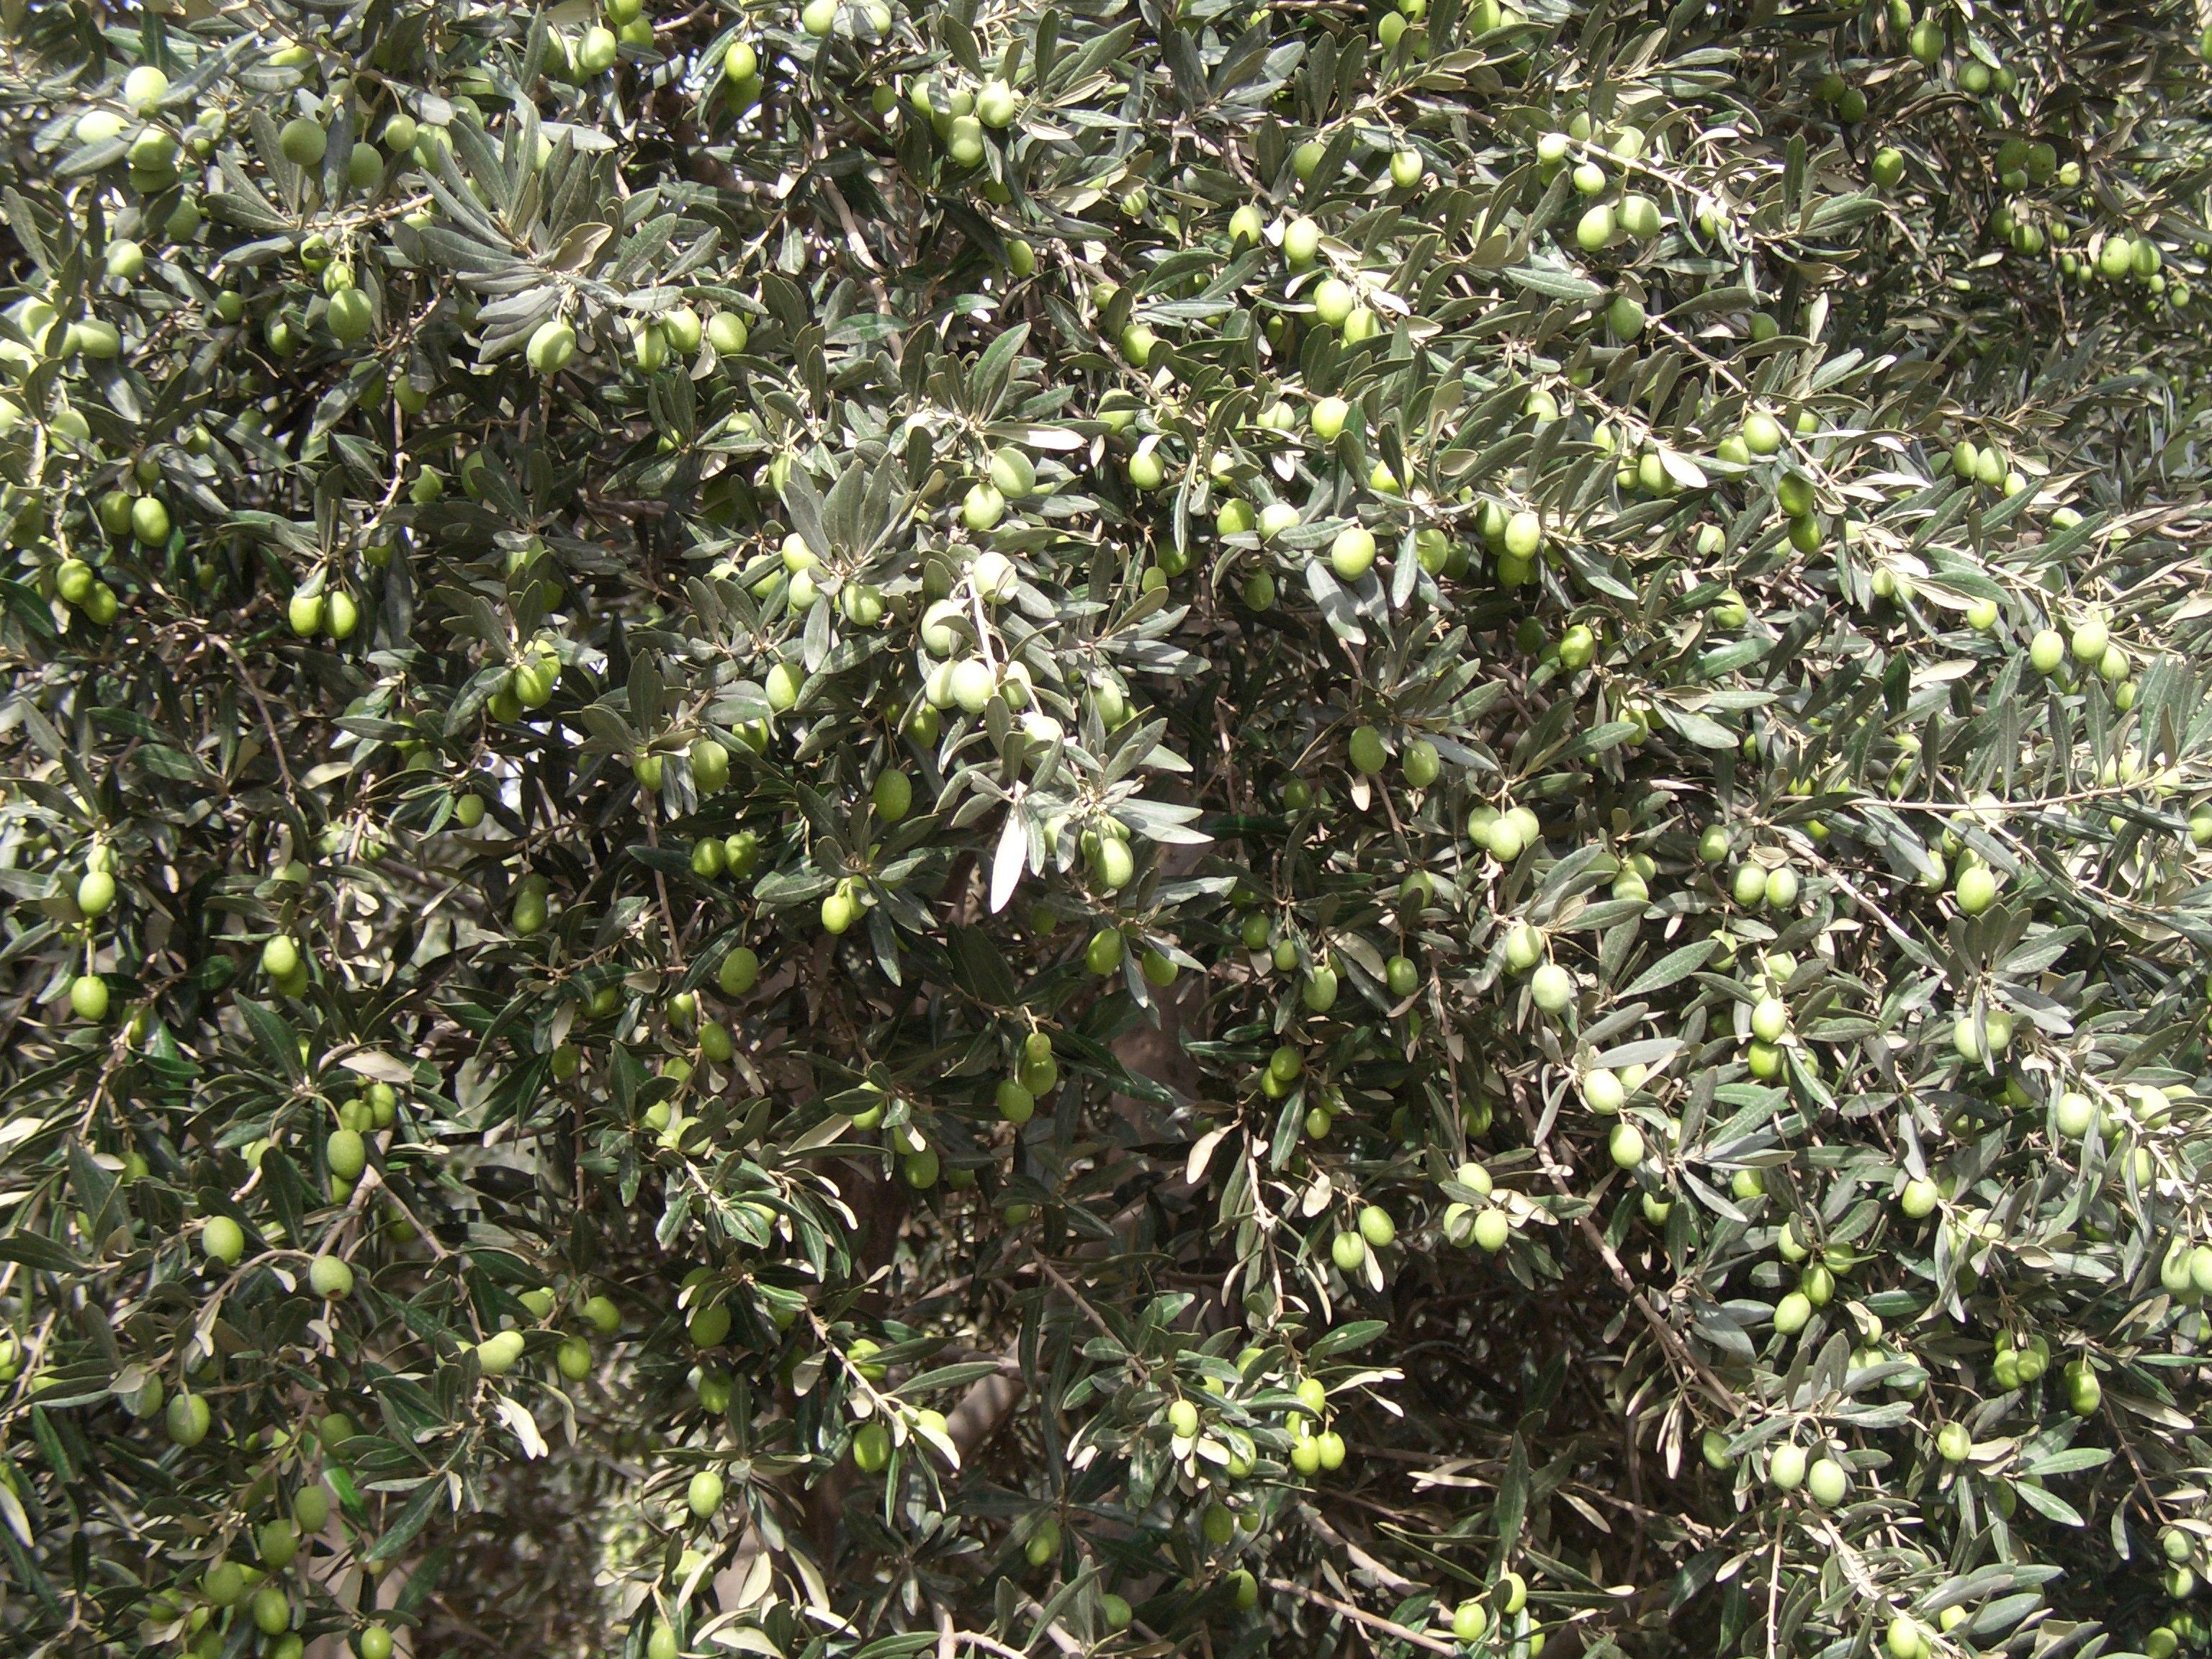 برداشت زیتون از سطح ۹۷۵۰ هکتار باغات قزوین آغاز شد